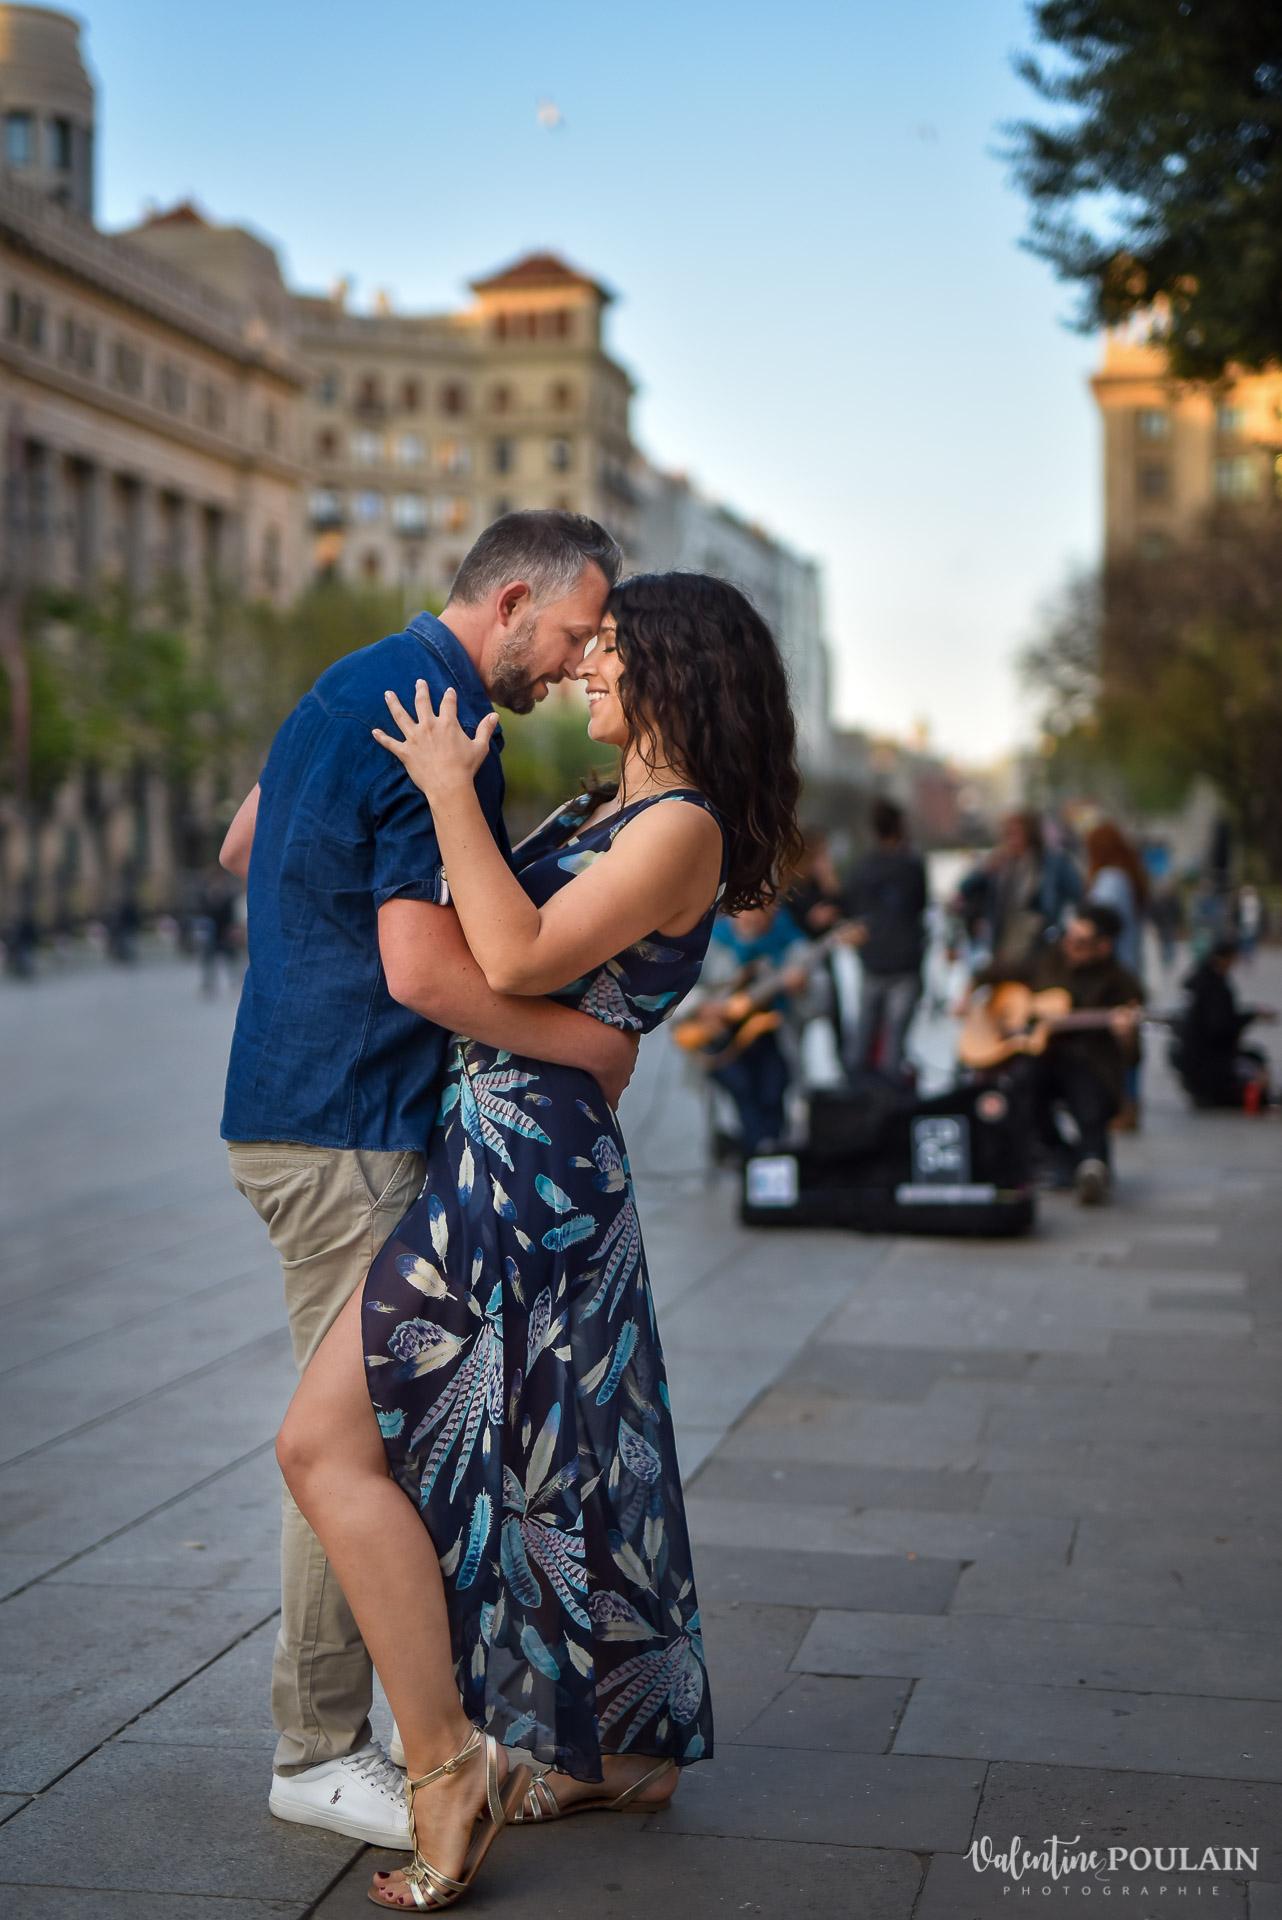 Séance photo couple Barcelone - Valentine Poulain danse